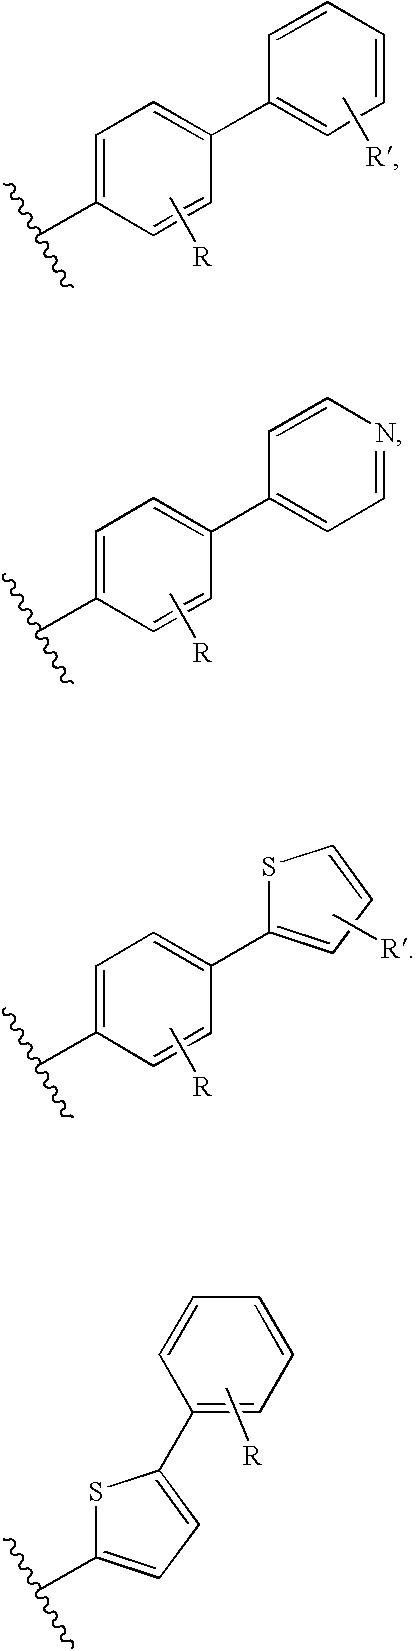 Figure US07482330-20090127-C00005